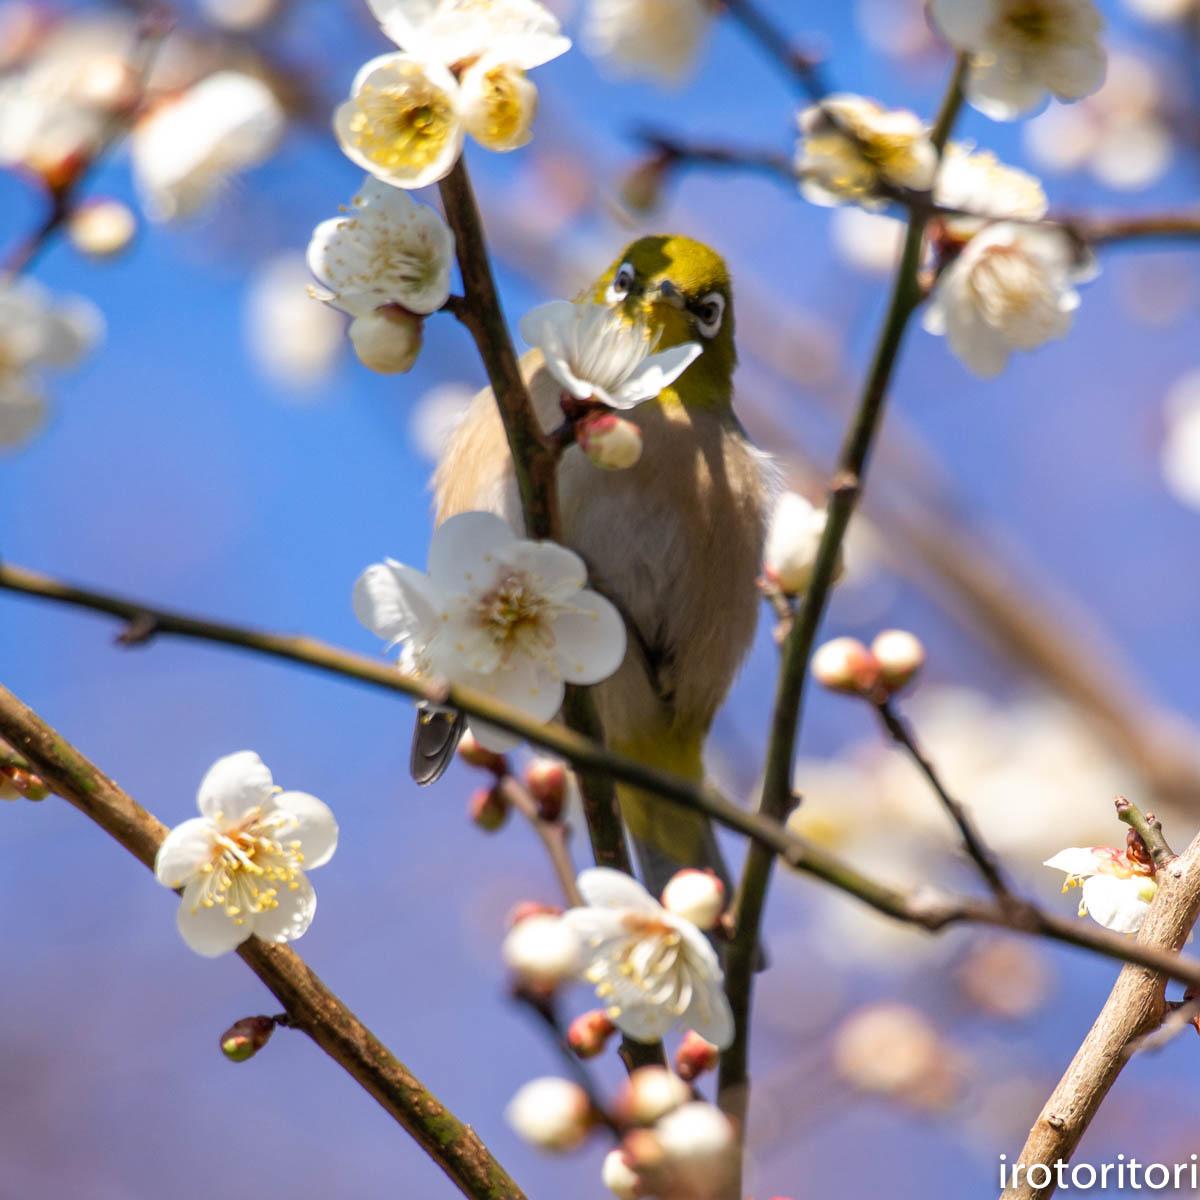 梅が咲いてました〜!!  (メジロ)  2020/02/08_d0146592_01172934.jpg